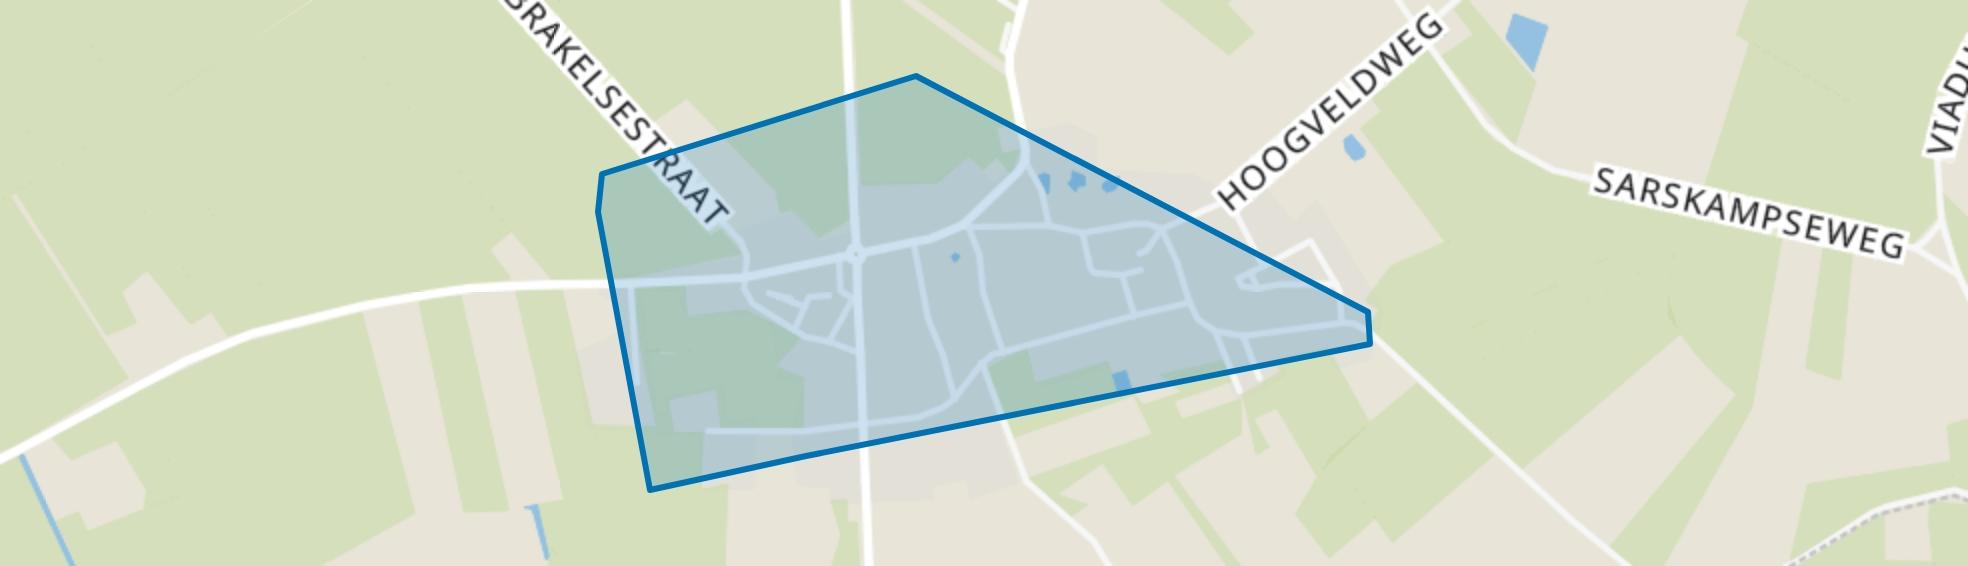 Kerkwijk, Kerkwijk map